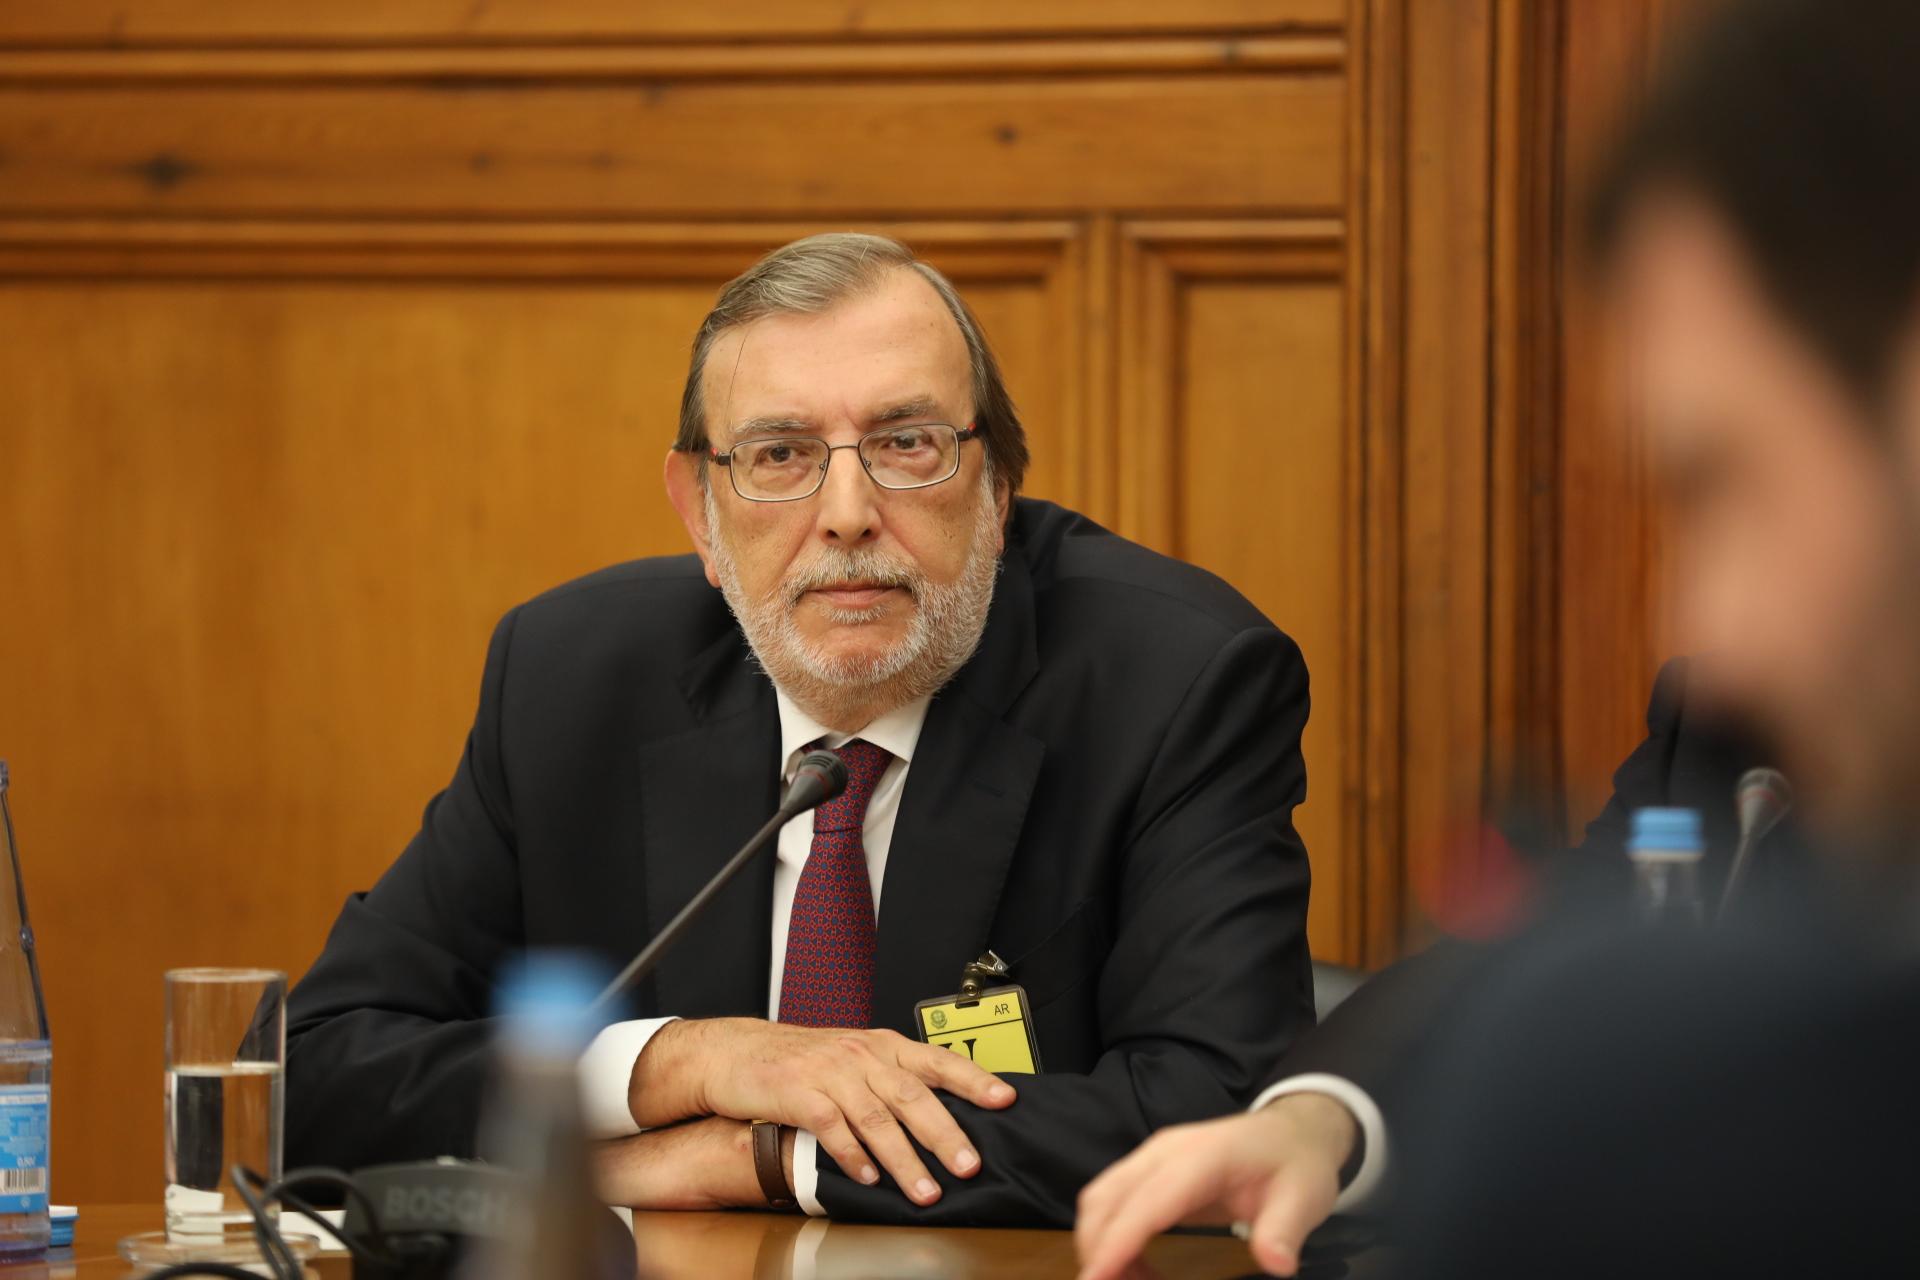 António José de Sousa